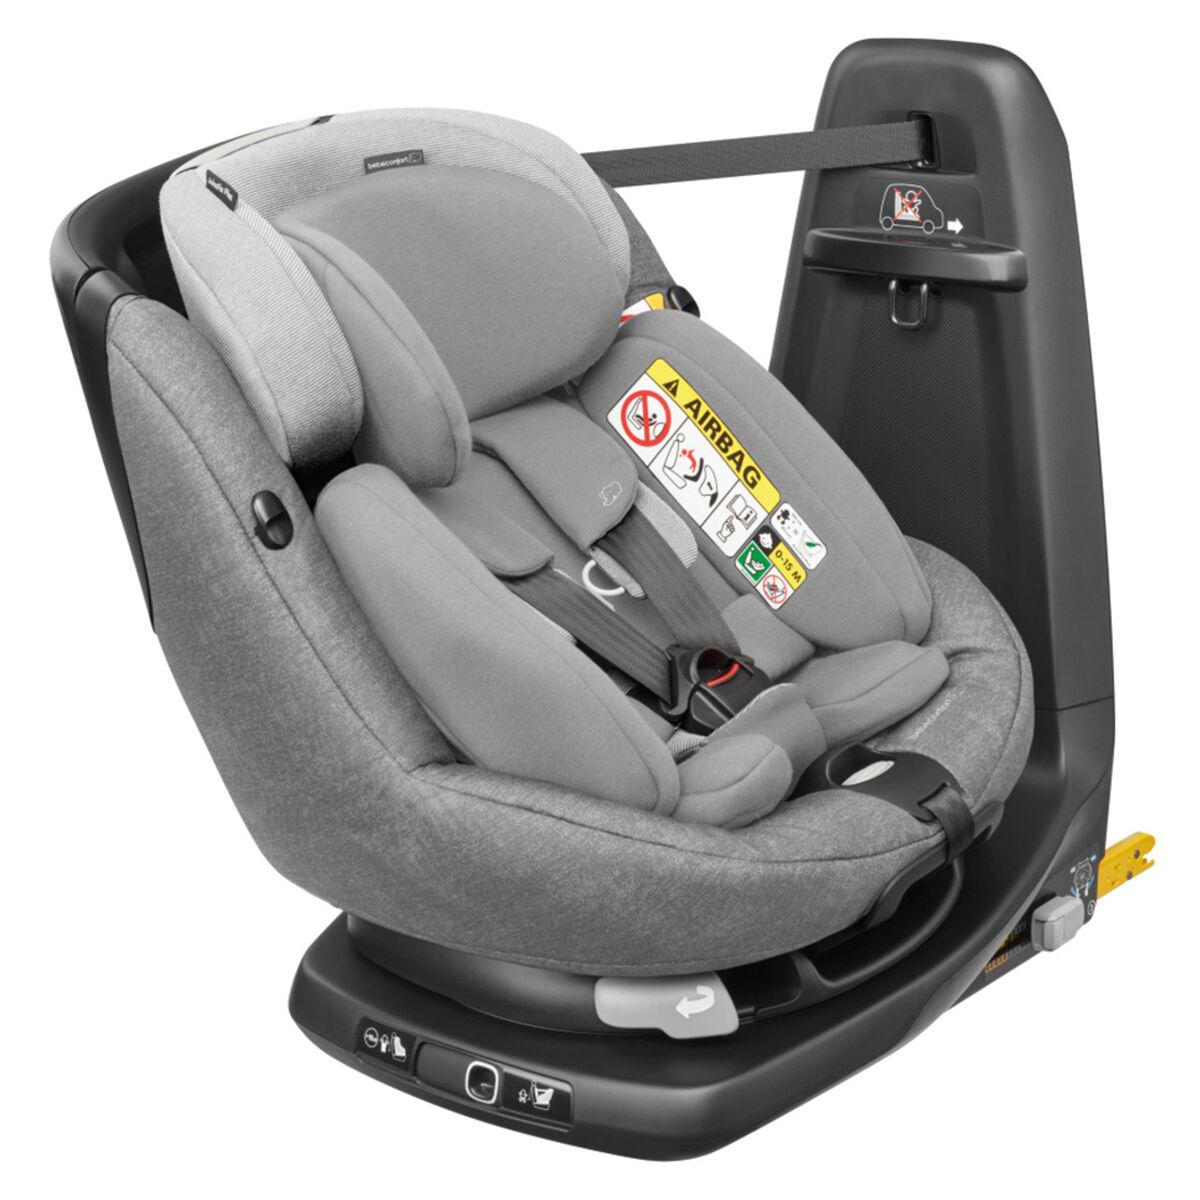 Bébé Confort Siège Auto AxissFix Plus i-Size Groupe 0+/1 - Nomad Grey